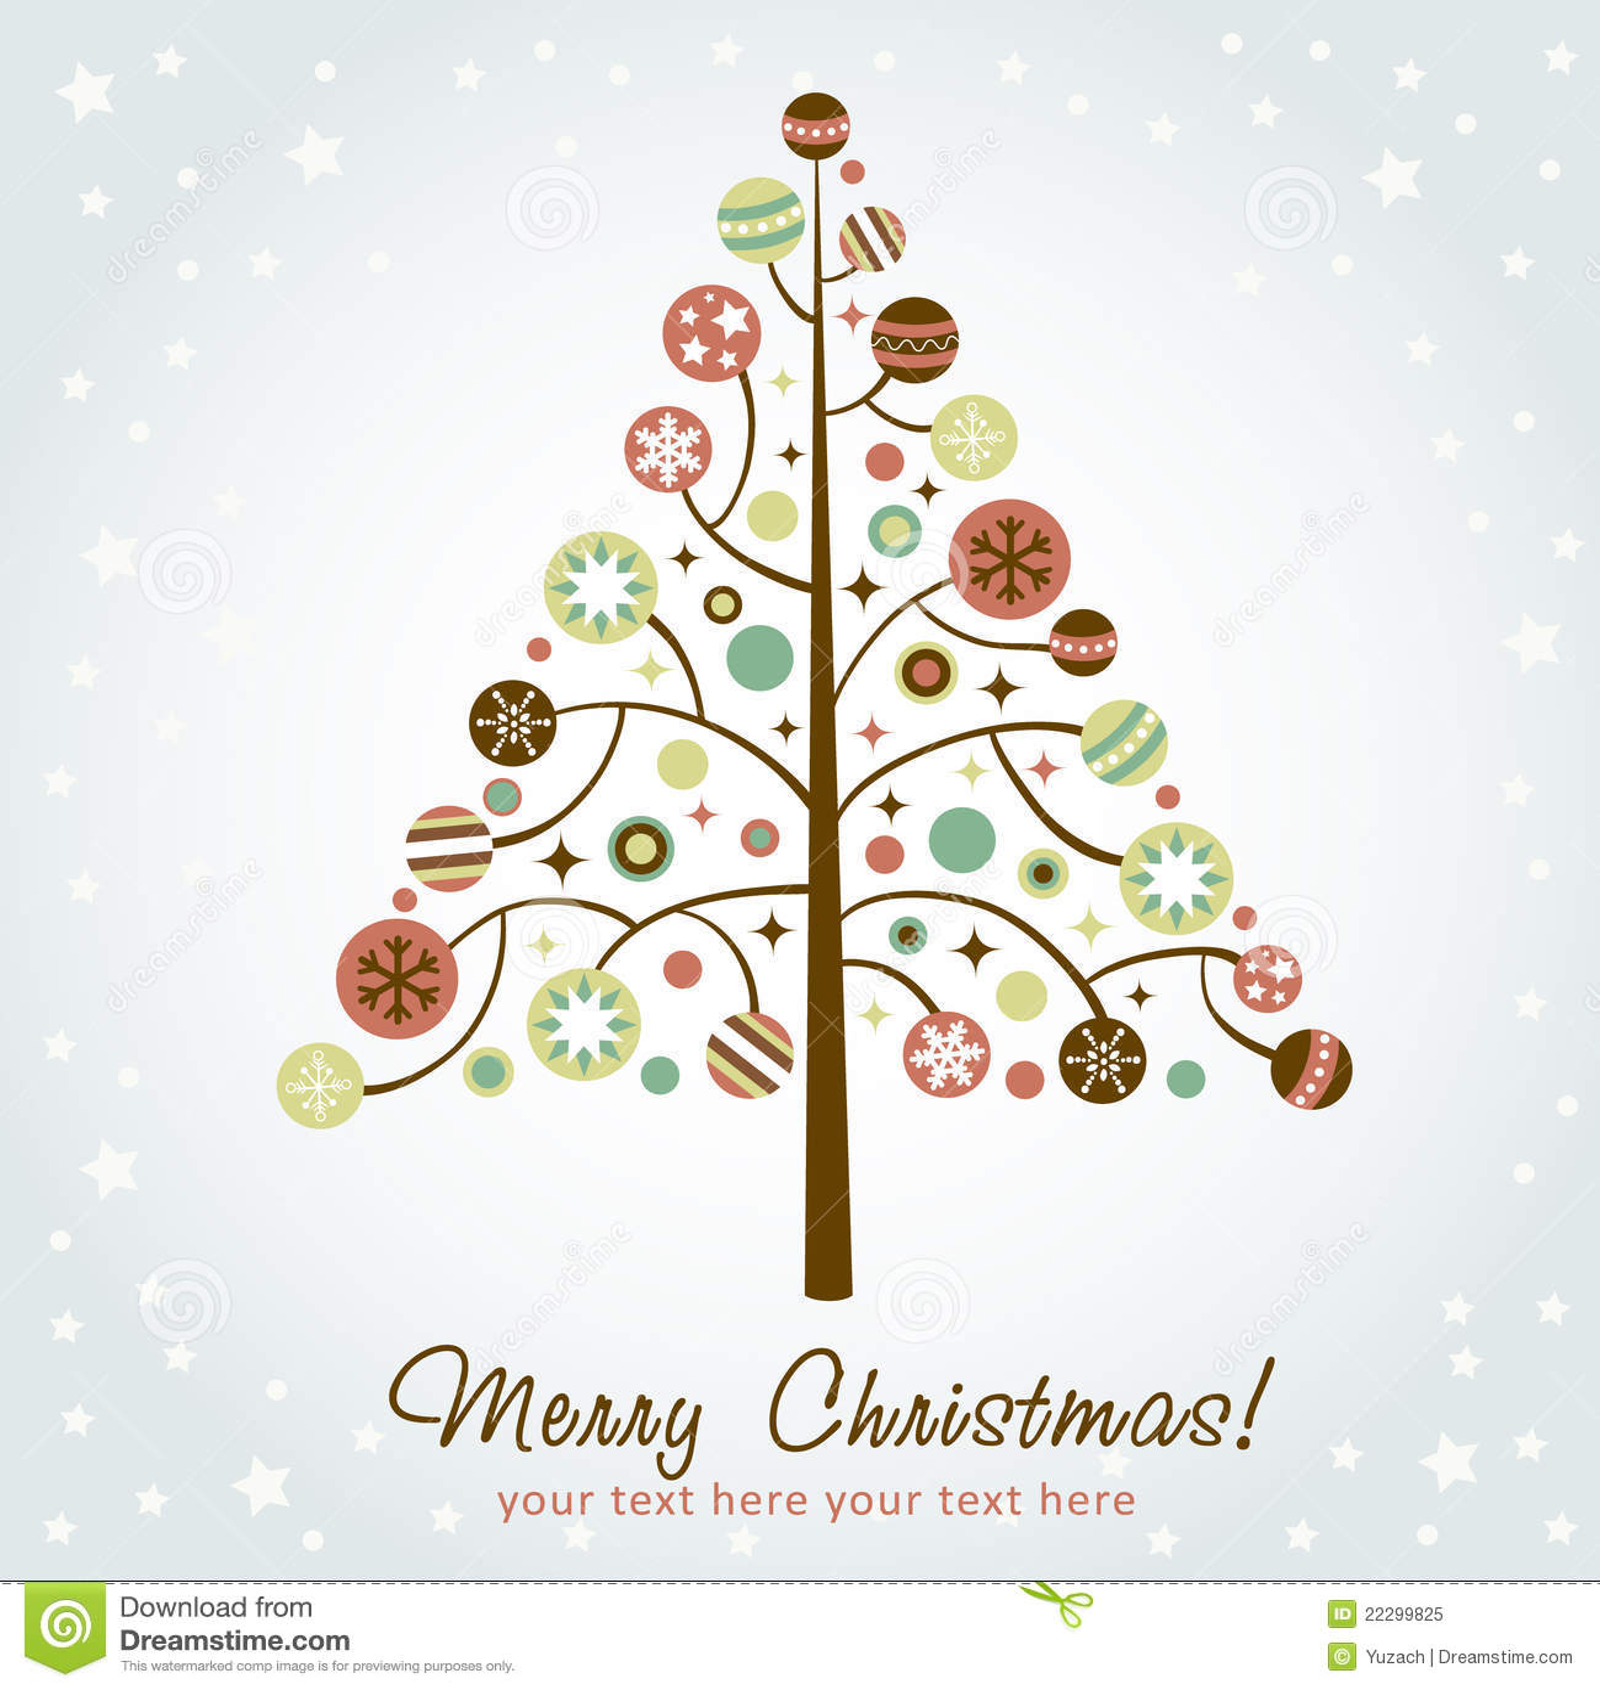 Rbol de navidad estilizado del dise o ilustraci n del - Arbol navidad diseno ...